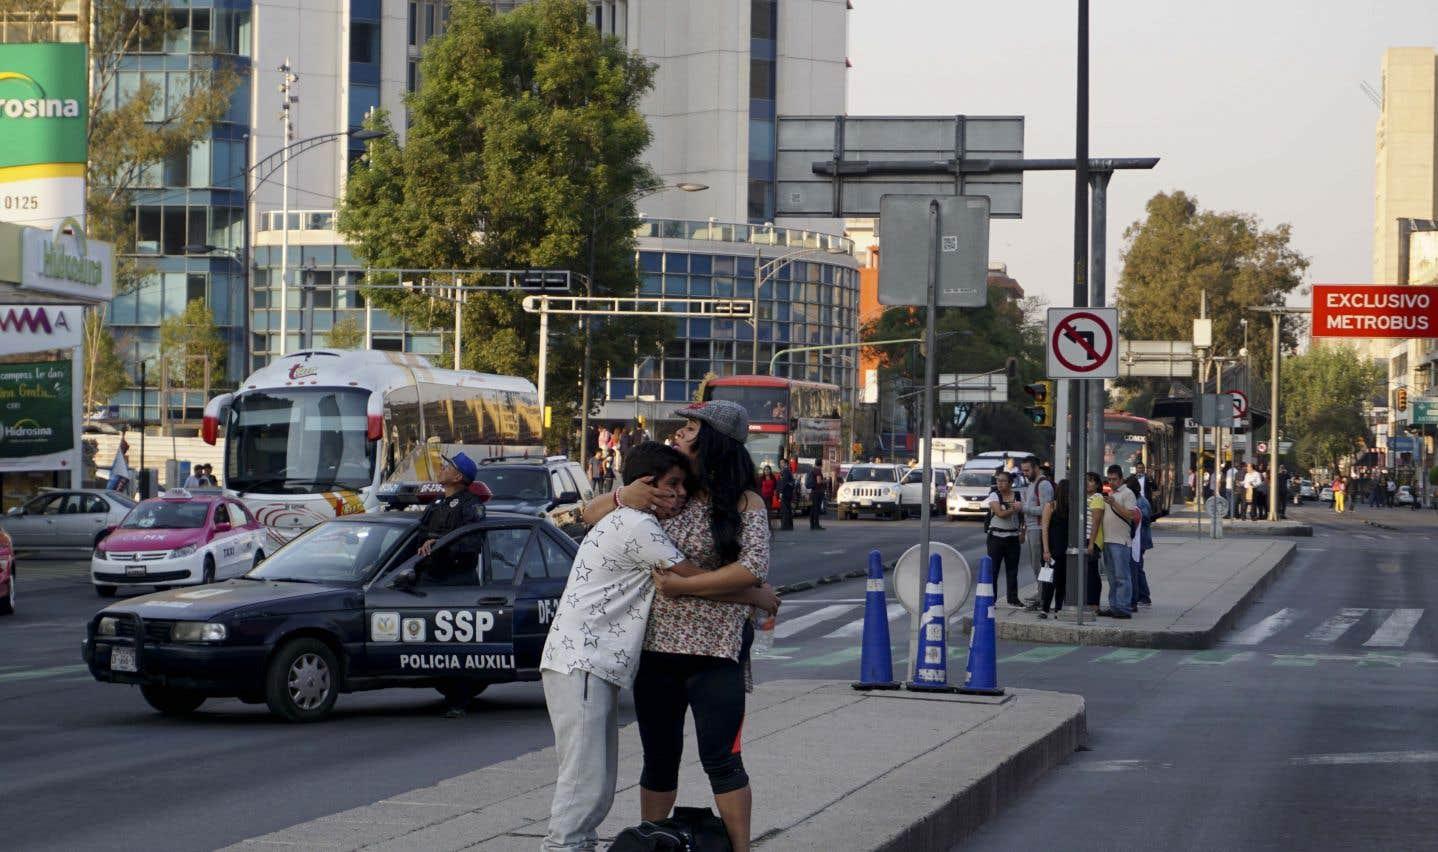 À Mexico, la secousse adéclenché le système d'alarme de la capitale et fait osciller des bâtiments.